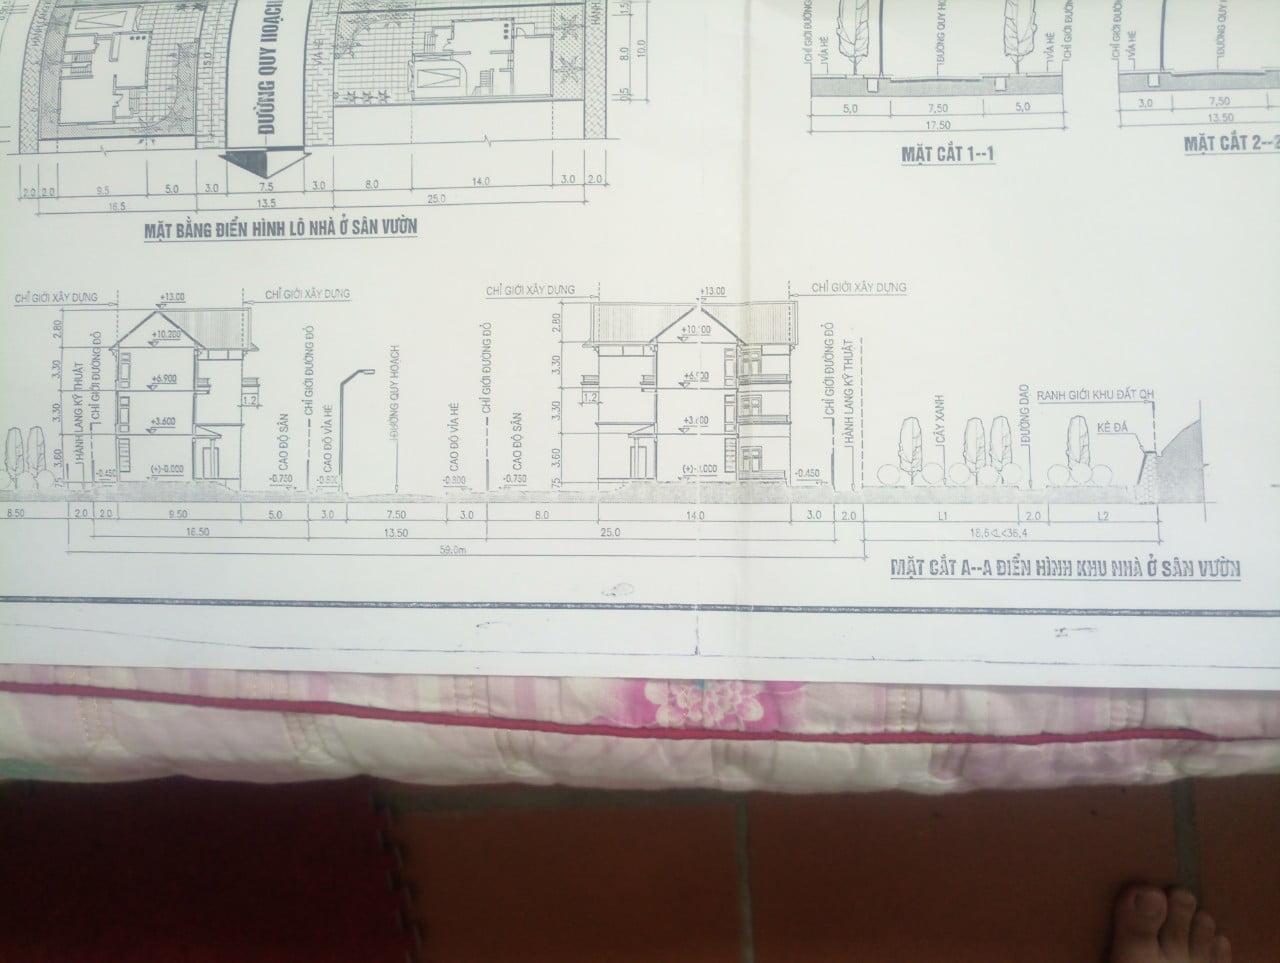 Quy định chiều cao của ngôi nhà